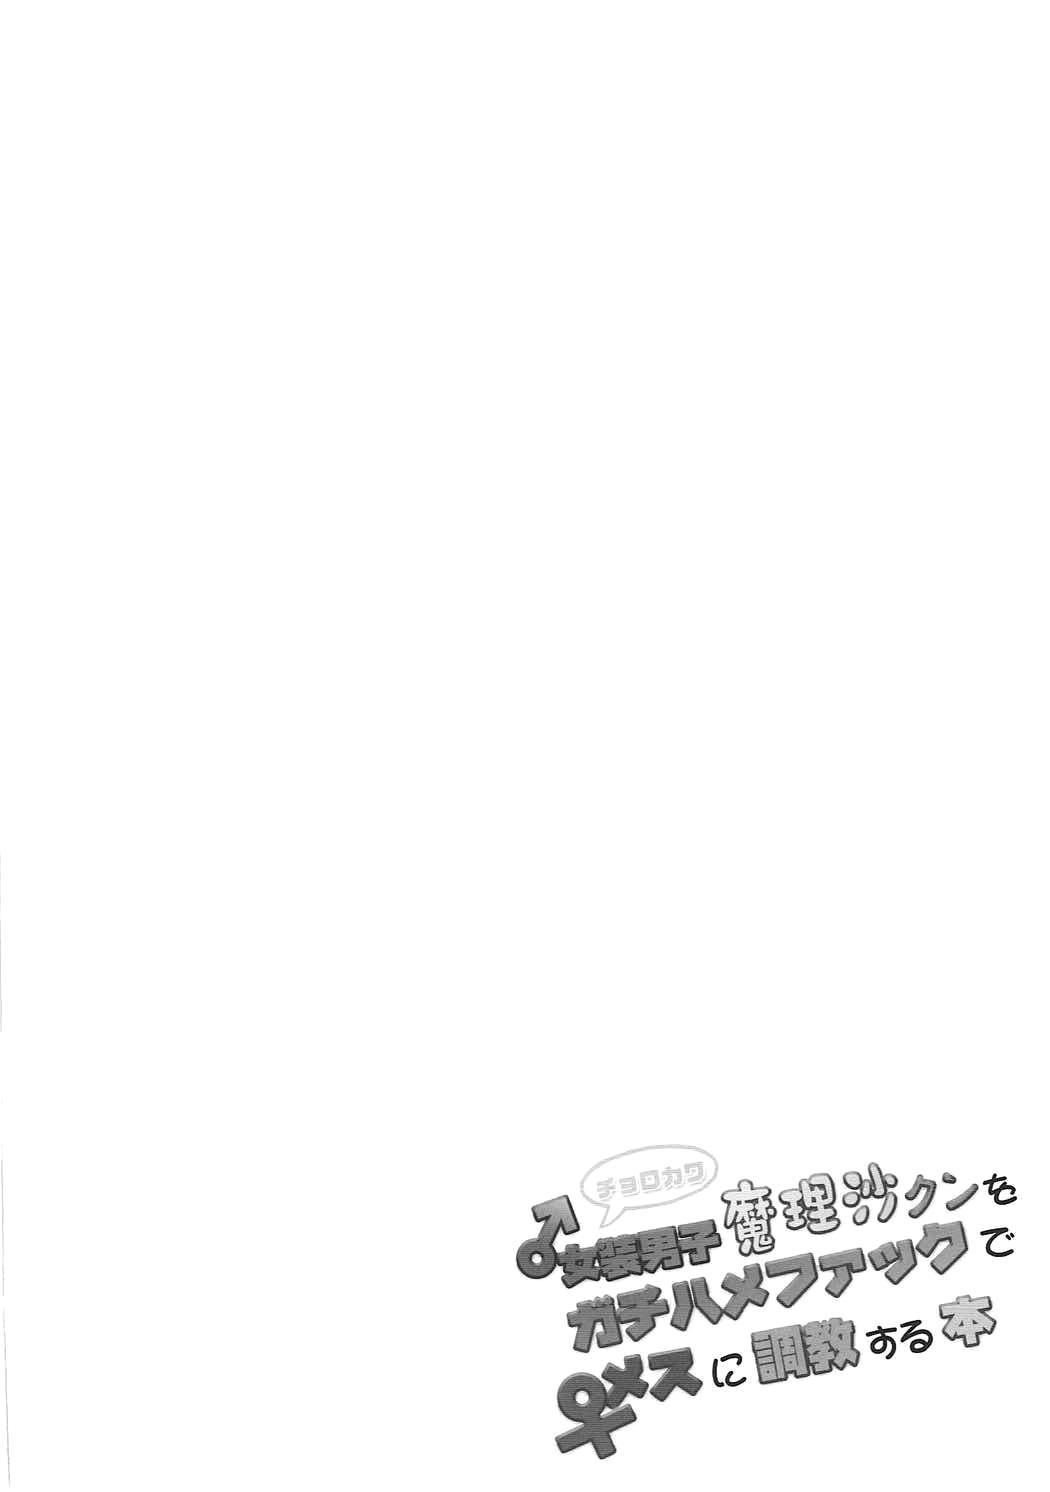 Chorokawa Josou Danshi Marisa-kun o Gachihame Fuck de Mesu ni Choukyou Suru Hon 2